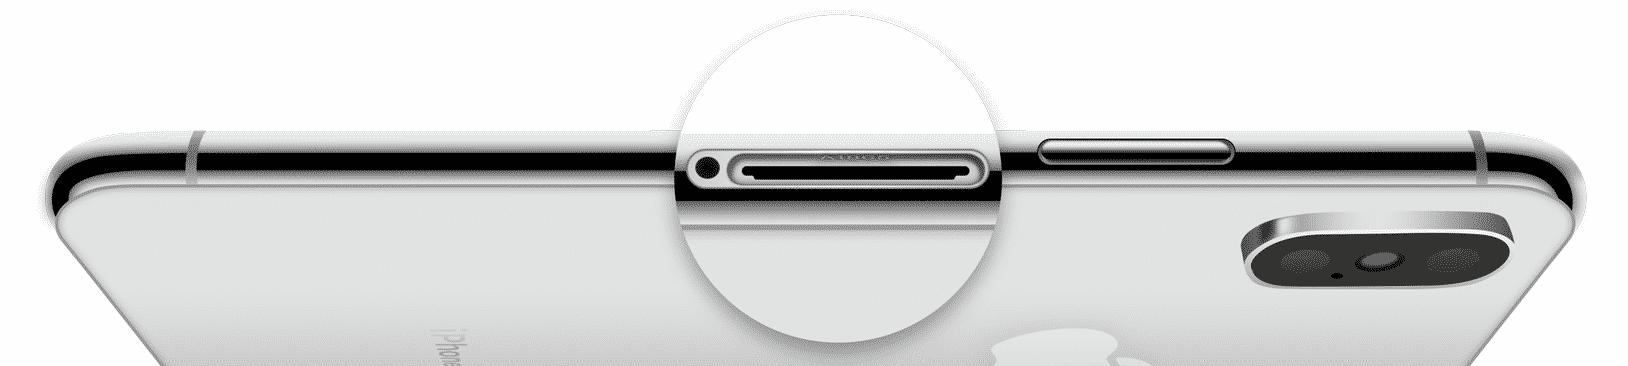 iPhone Modellnummer SIM Slot